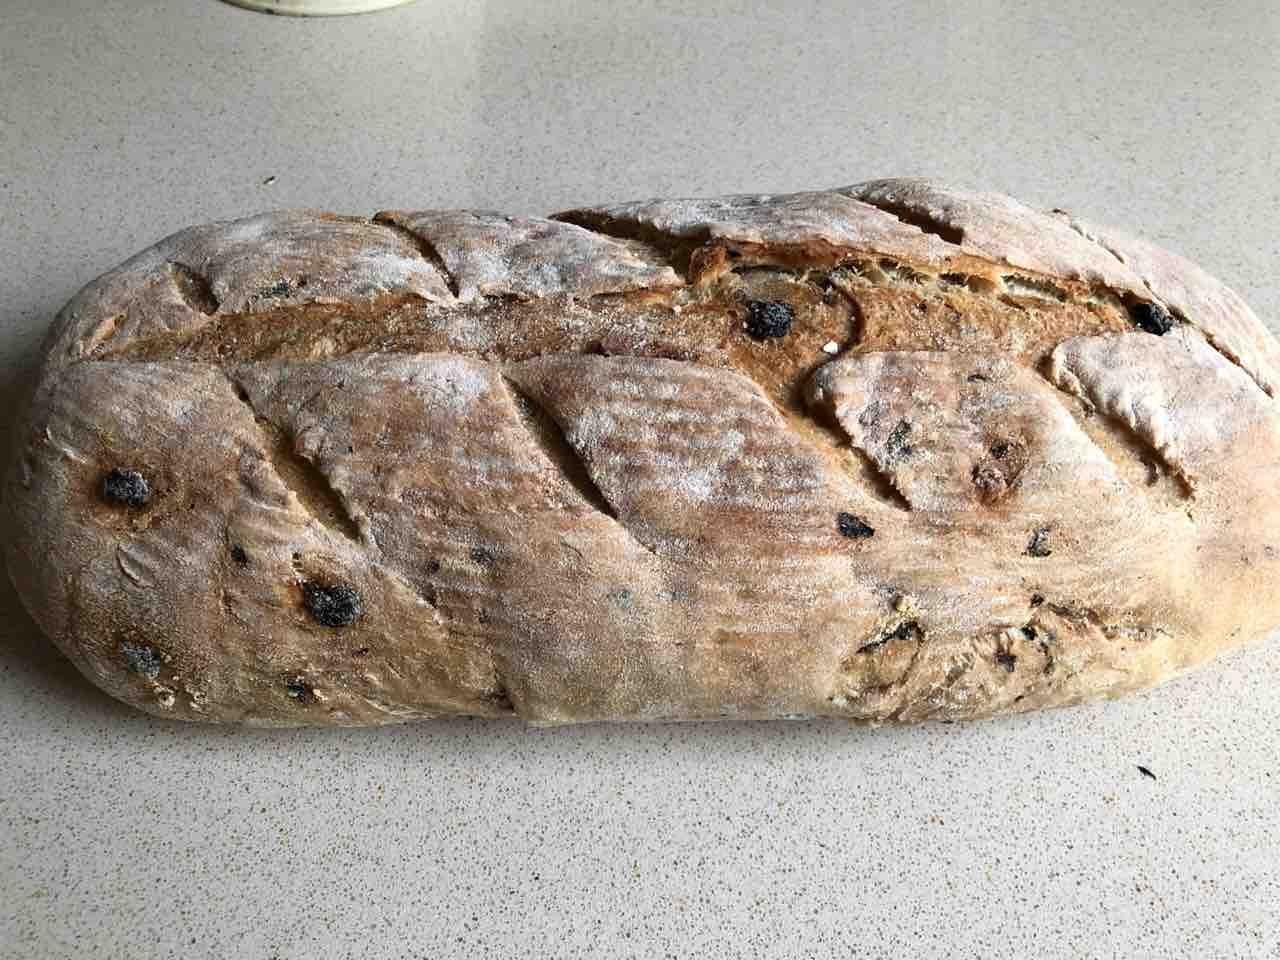 Raisin bread from Camden bakery